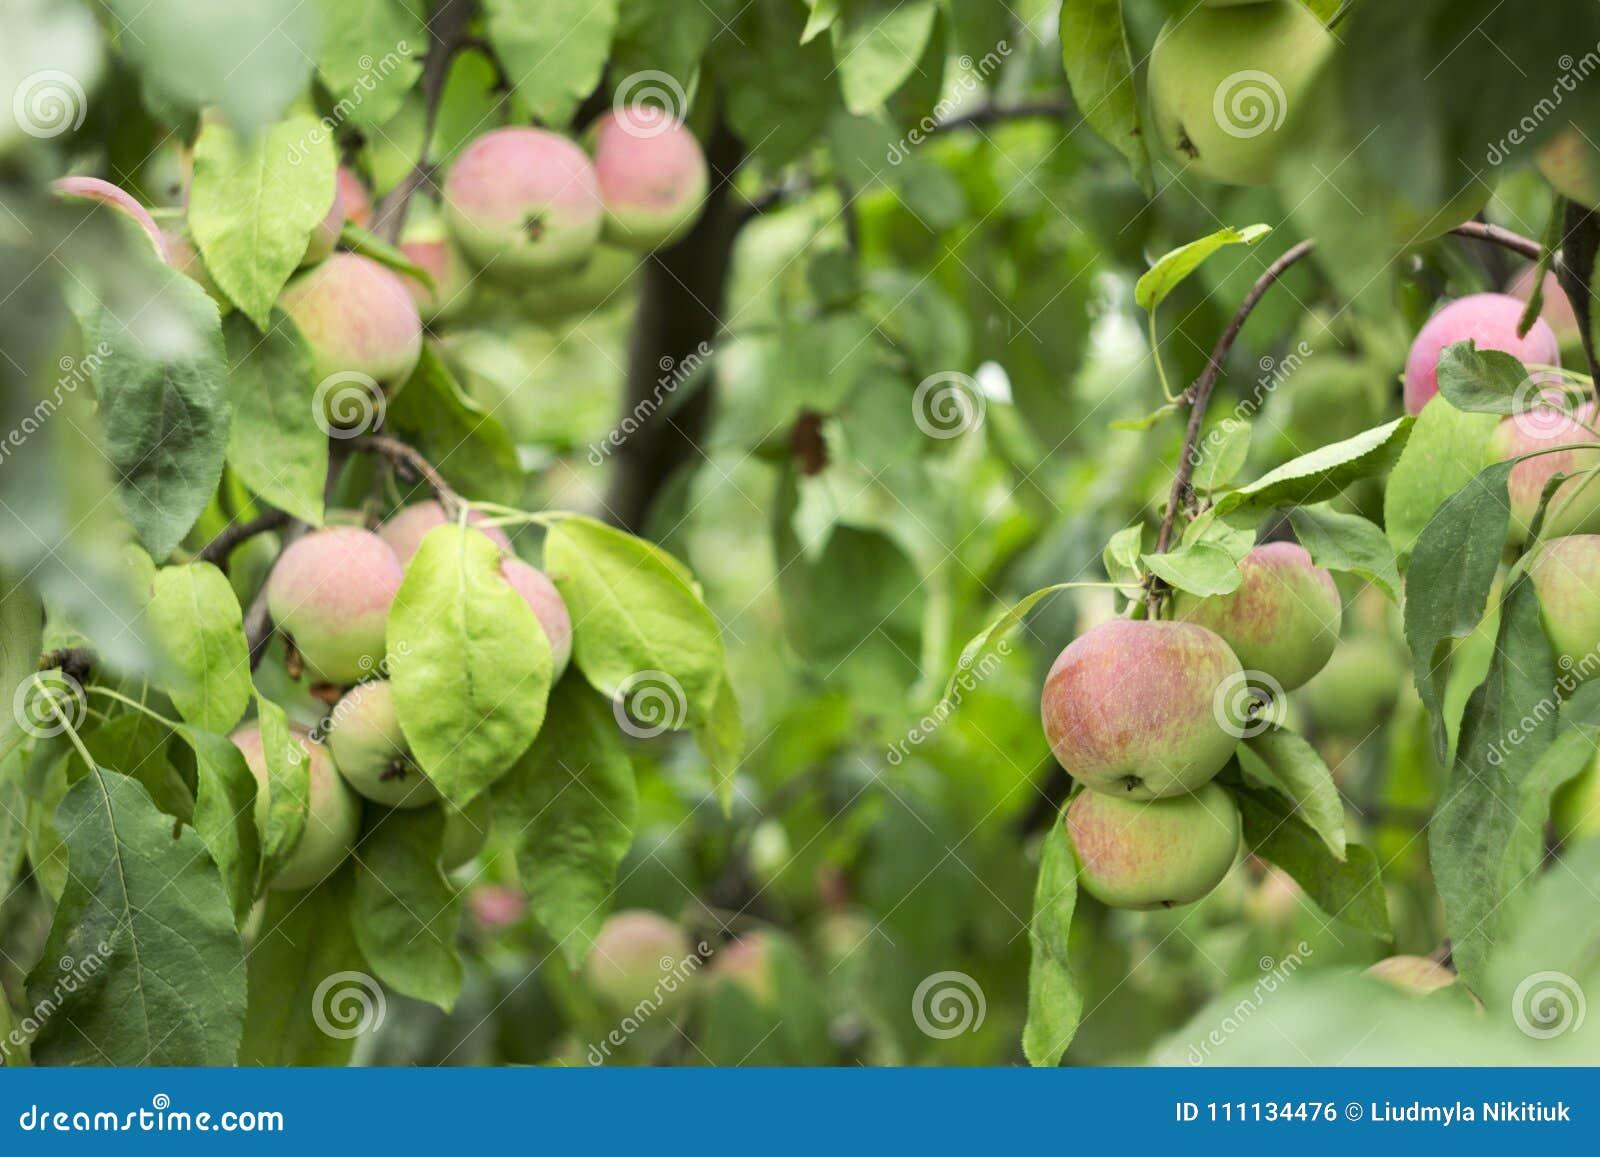 Groene rode appelen die op een tak op de boom, vele vruchten groeien